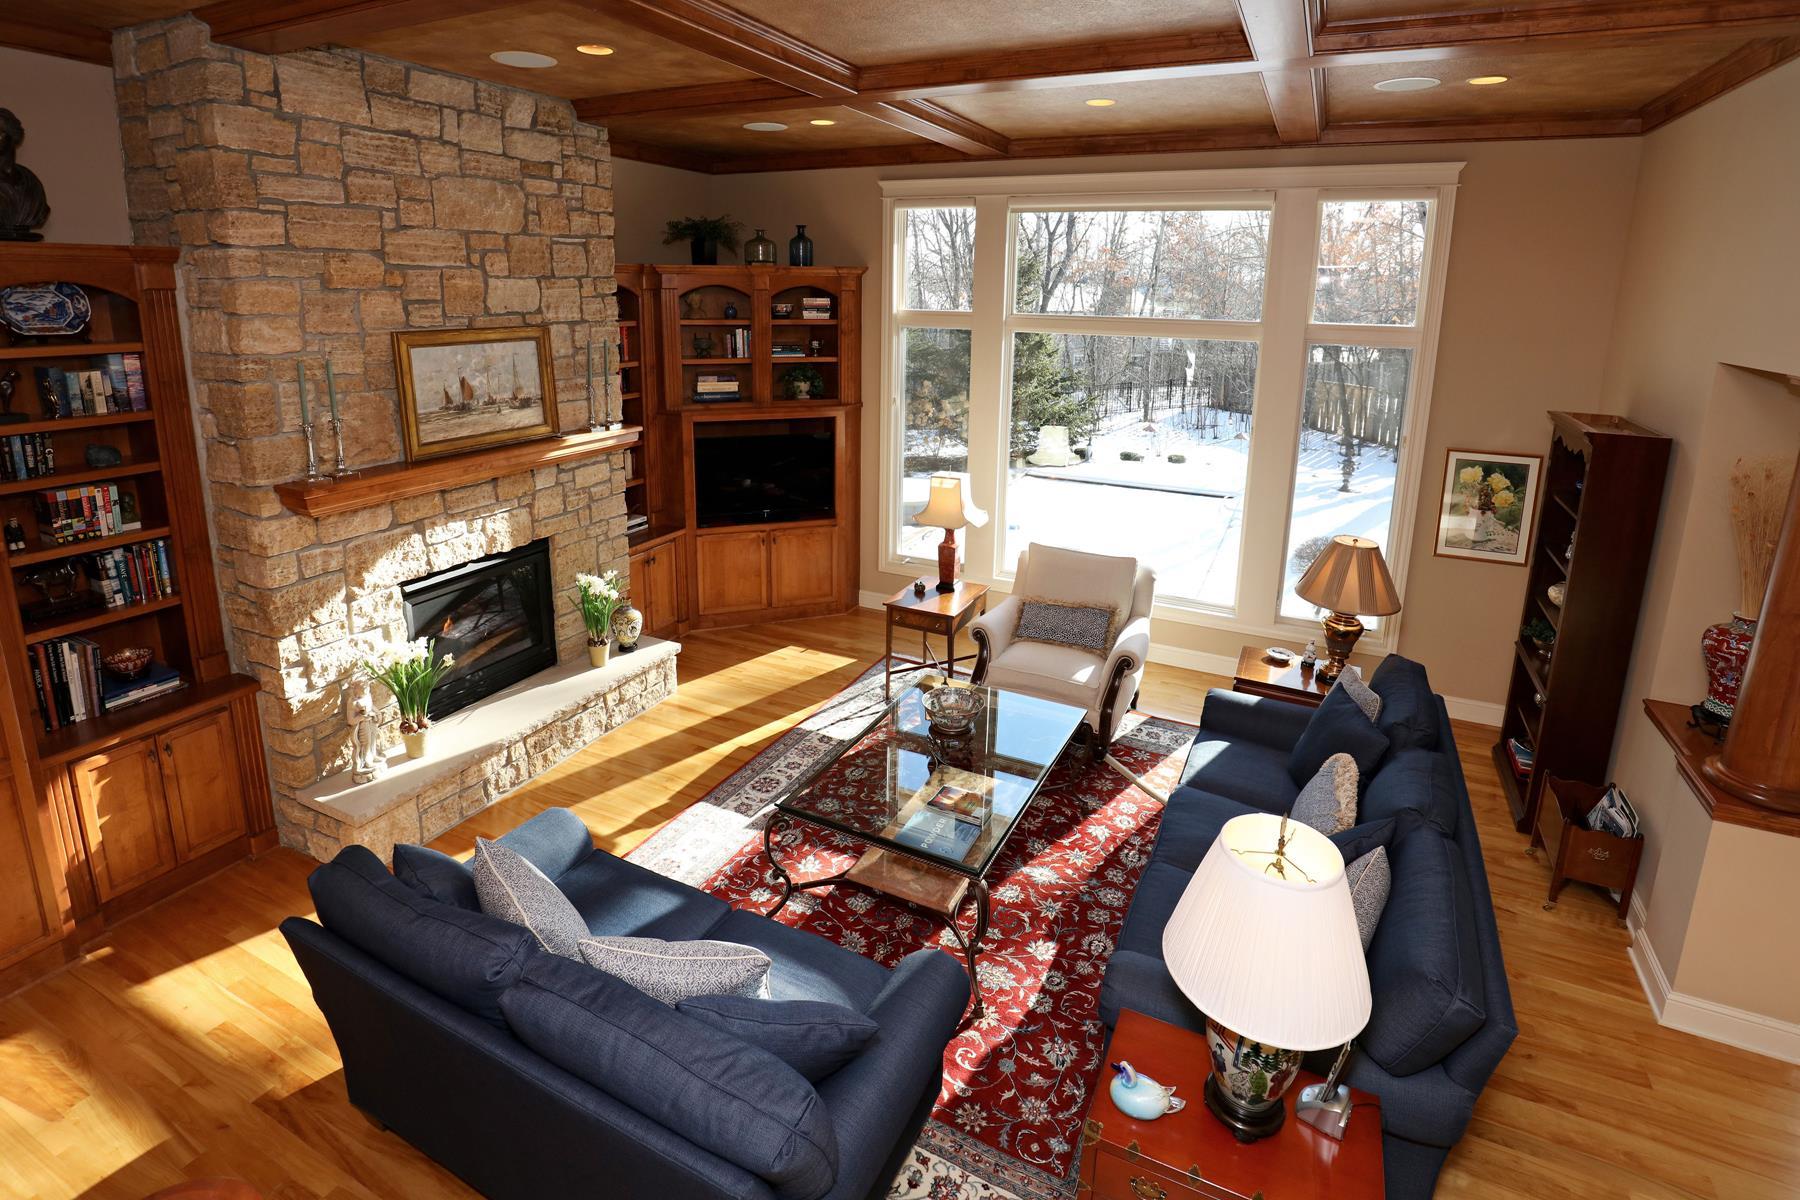 Частный односемейный дом для того Продажа на 5209 Ridge Road Edina, Миннесота, 55436 Соединенные Штаты